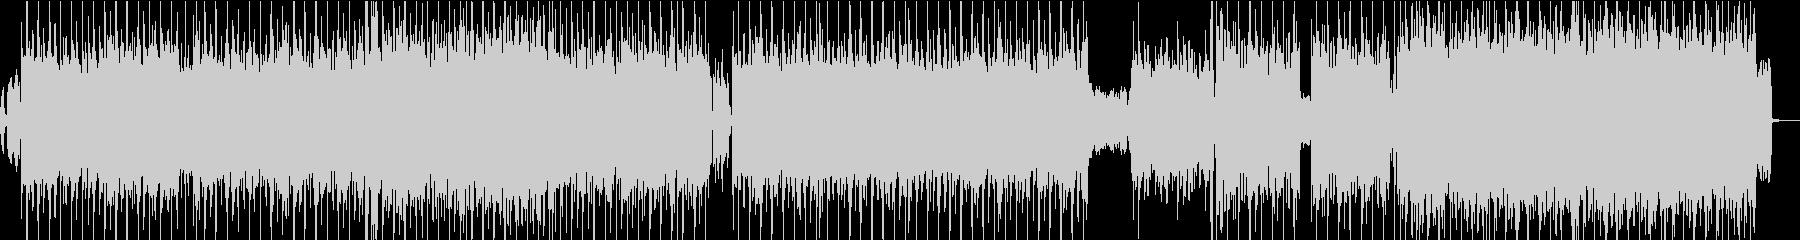 エッジの効いた、ラフなエレクトロ/...の未再生の波形